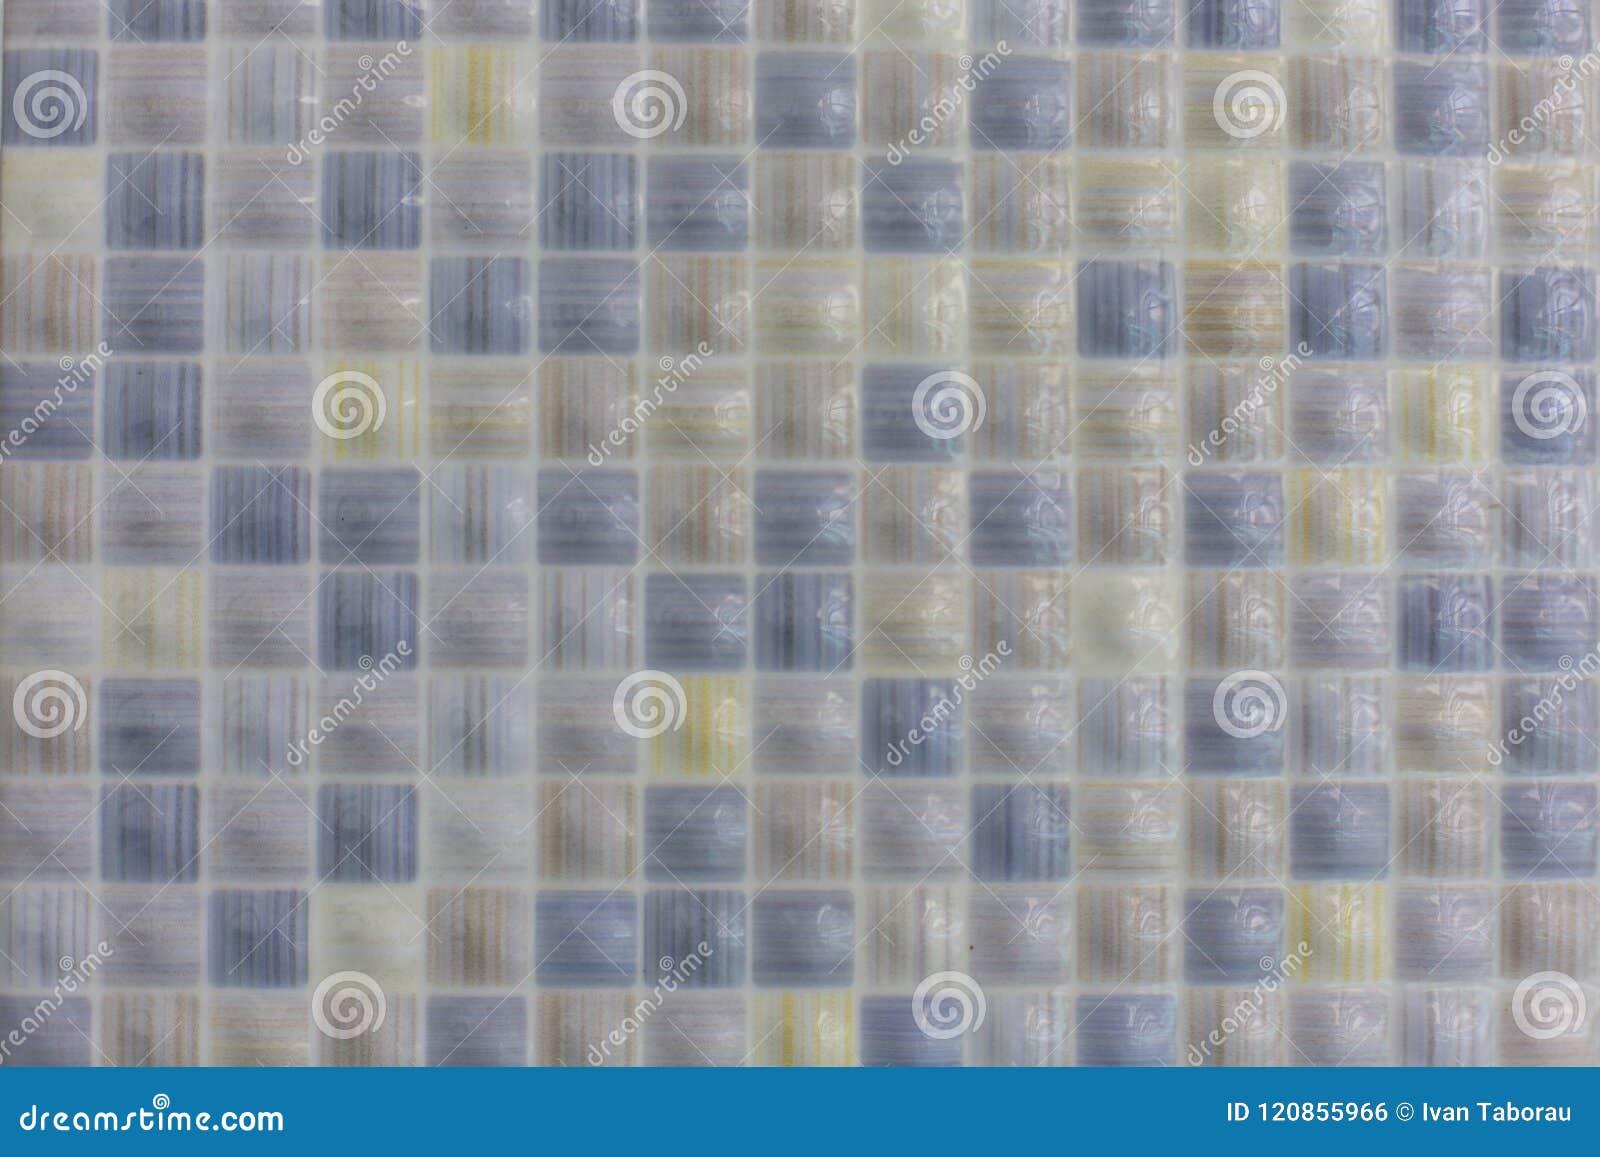 Κεραμικά κεραμίδια στο υπόβαθρο σύστασης σχεδίων λιμνών ή λουτρών